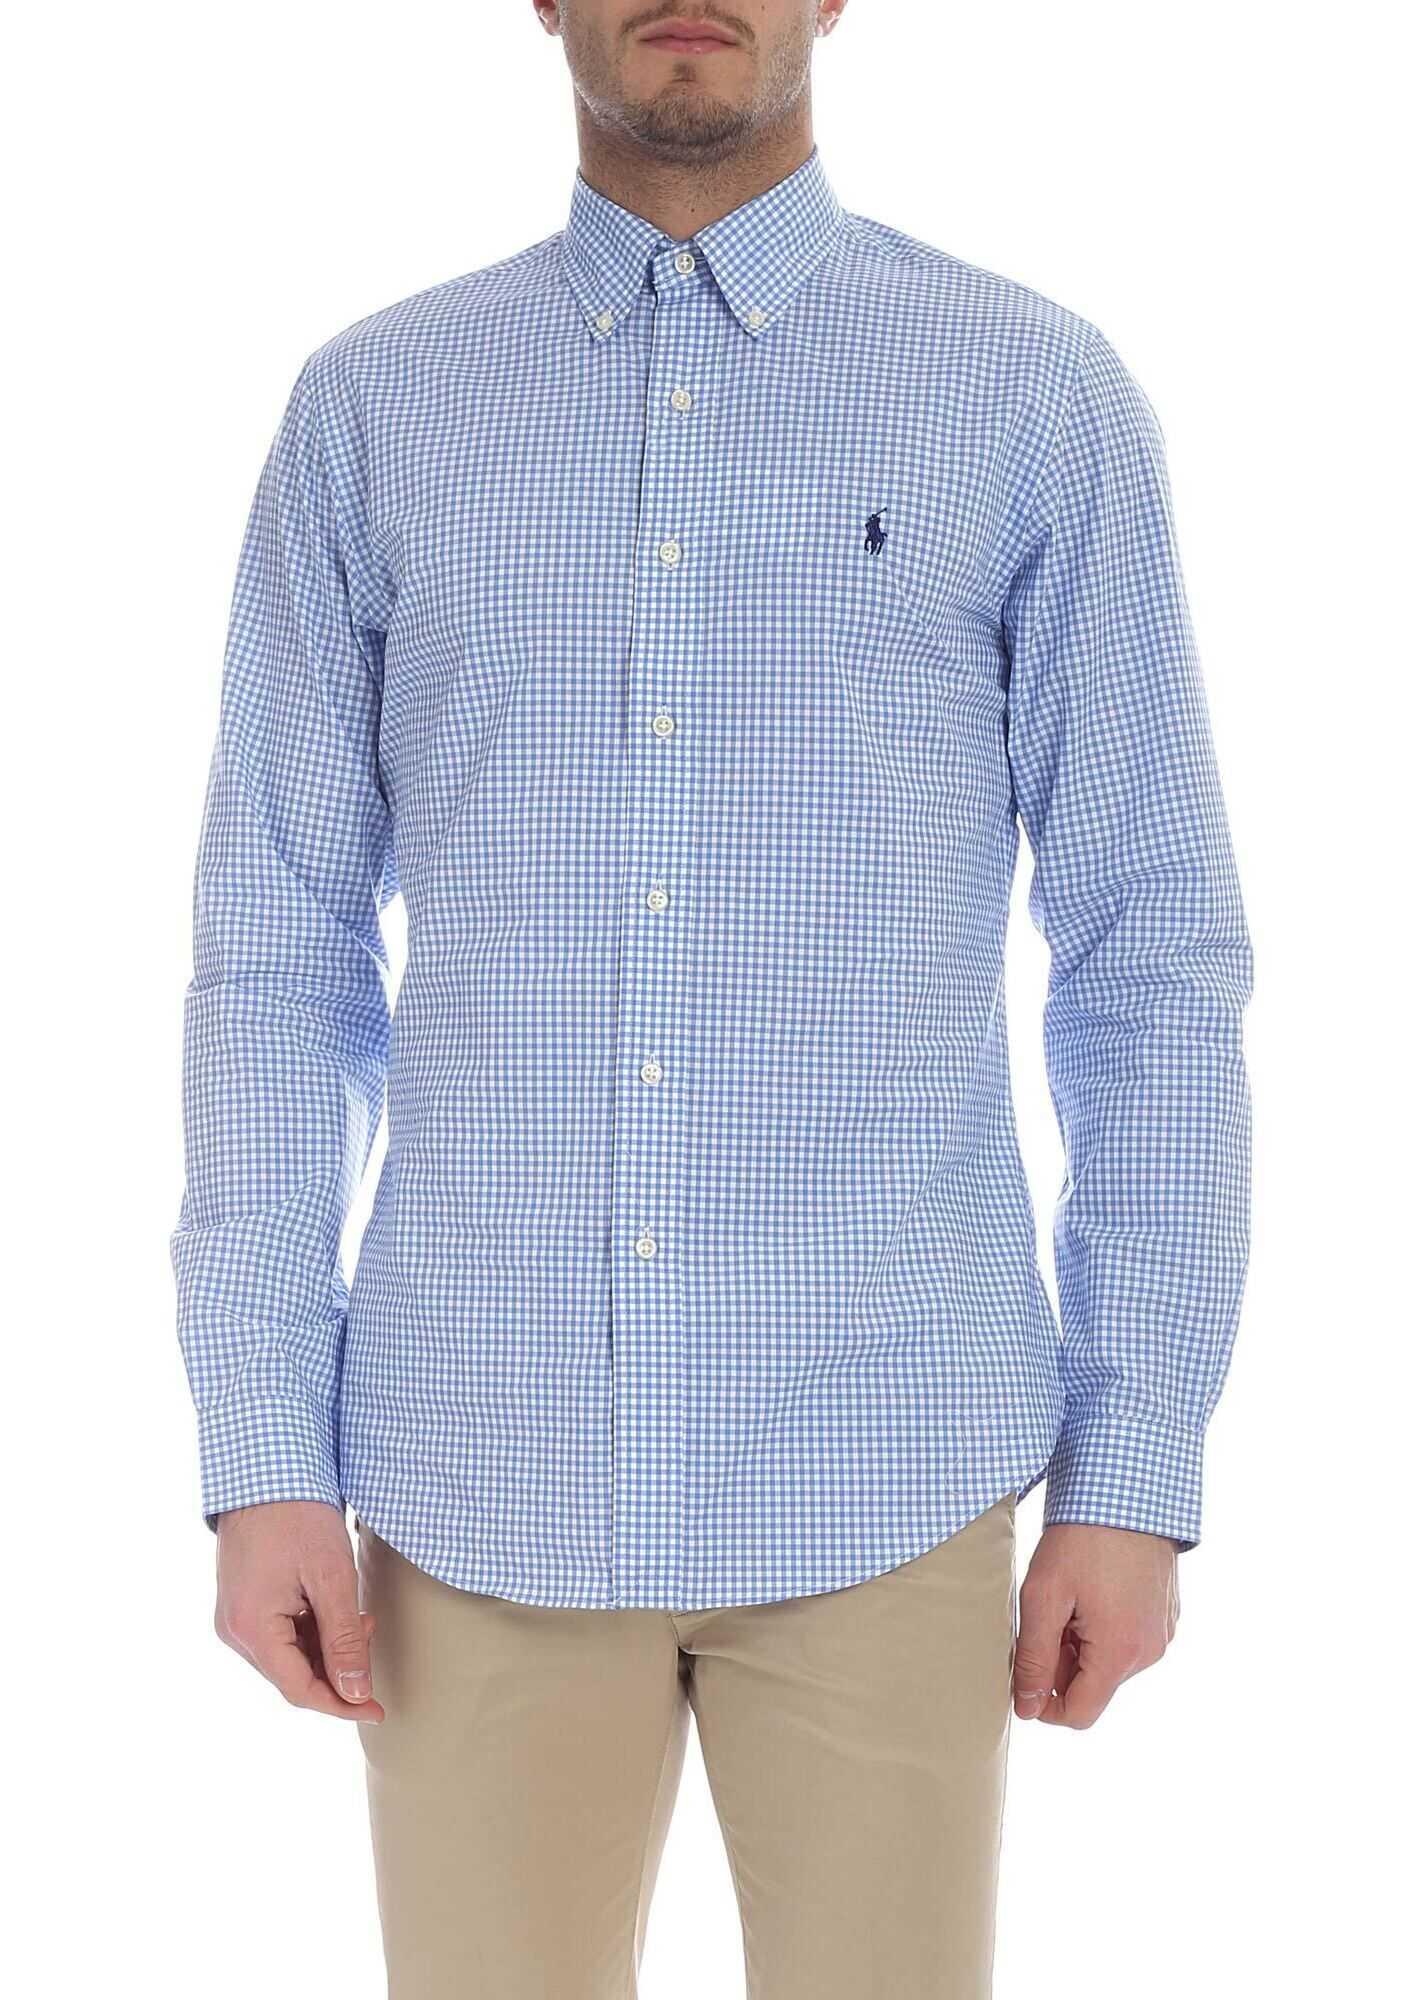 Ralph Lauren White And Light Blue Checked Shirt Light Blue imagine